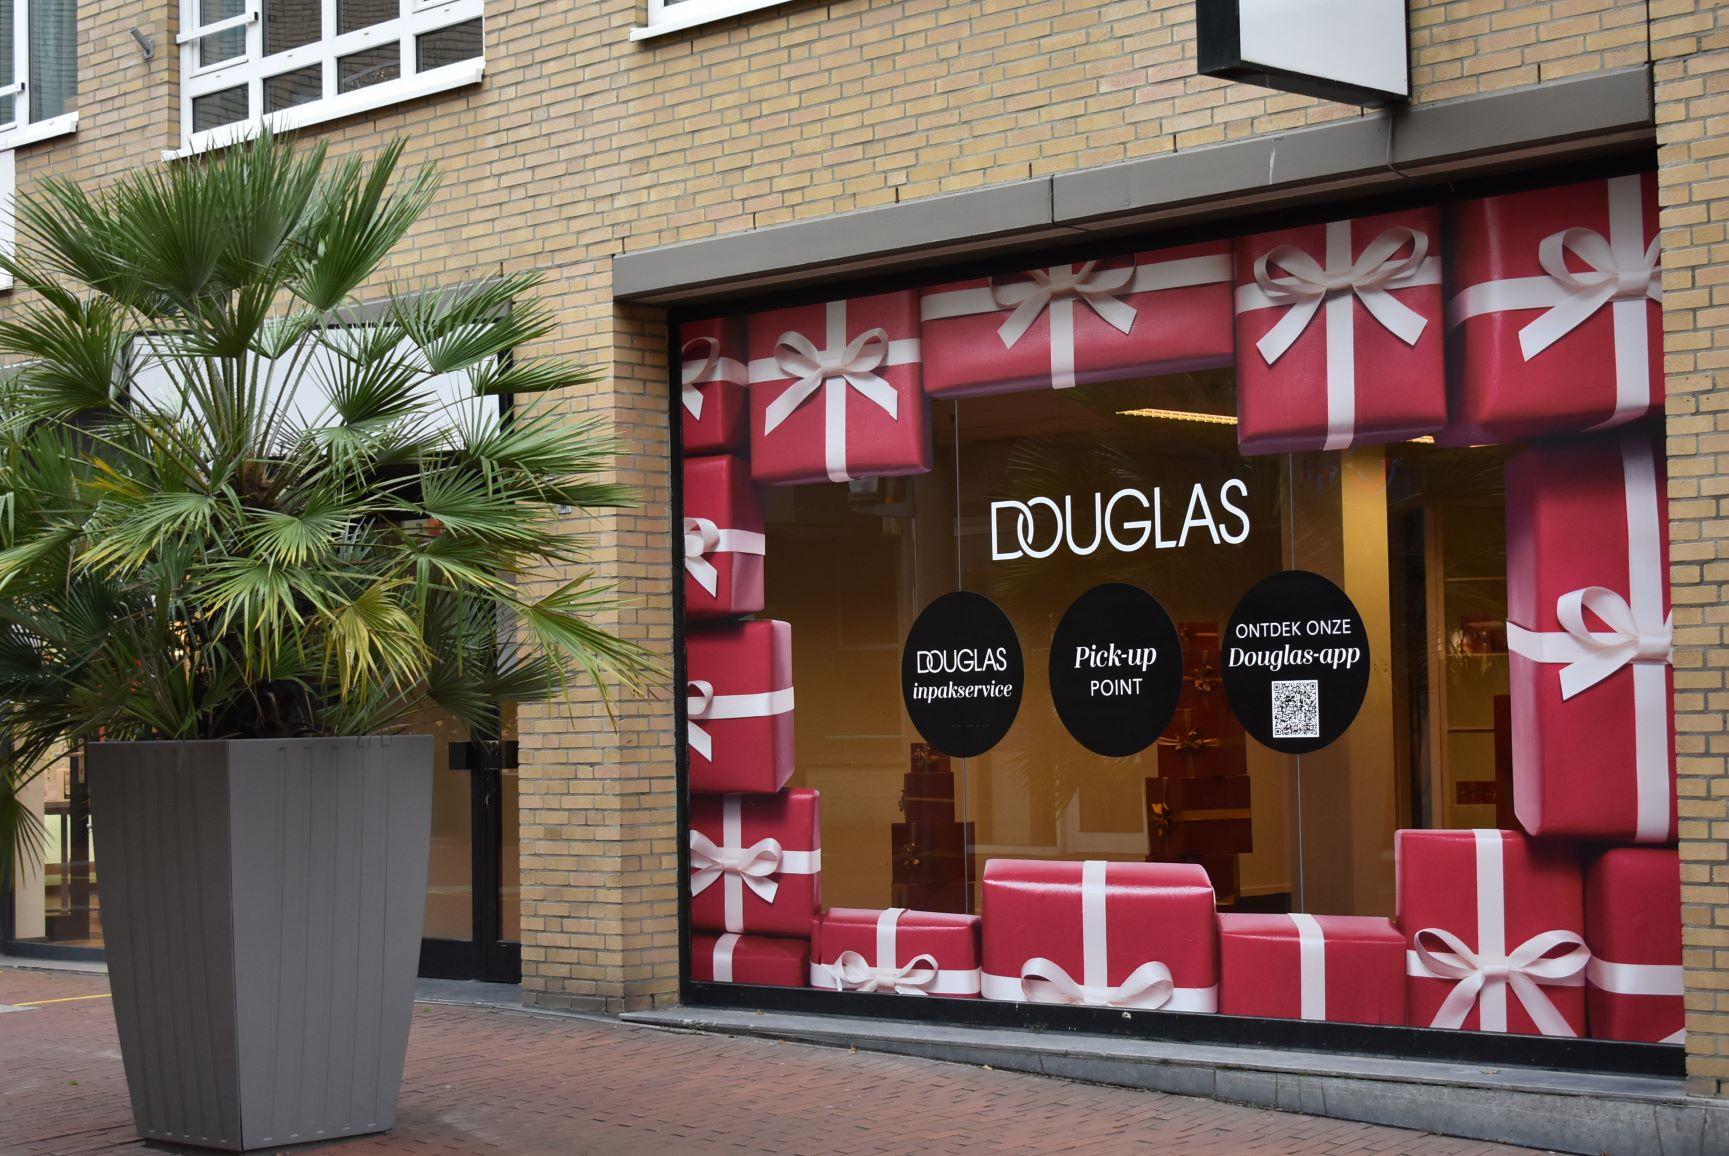 Douglas pop up-inpakstore